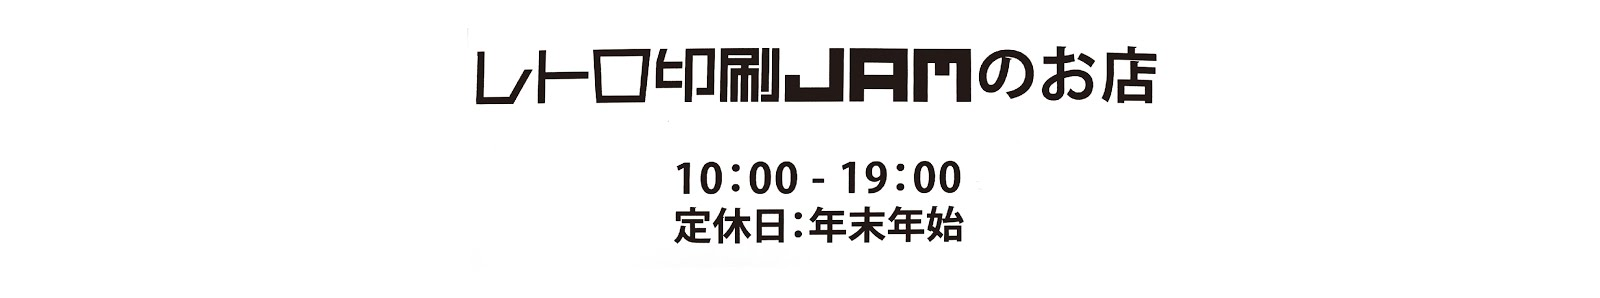 レトロ印刷JAM 本店 おしらせ